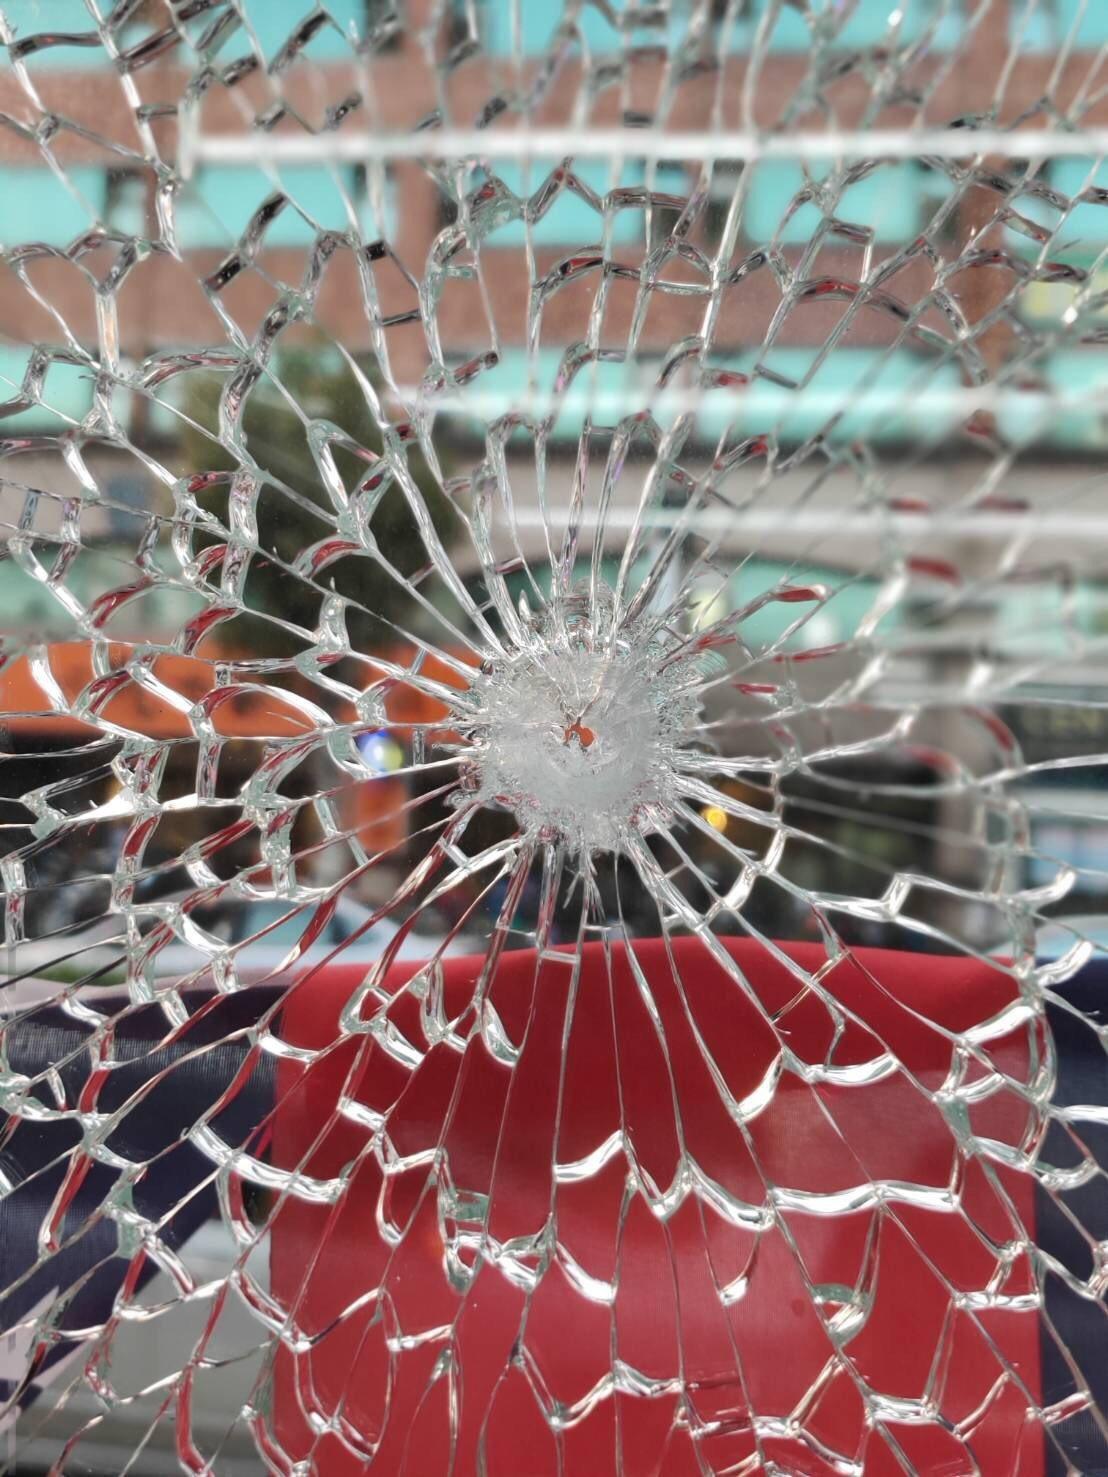 国民党桃园市议员刘安祺服务处昨晚遭2名枪手持空气枪射击,现场遗留弹击痕迹。图/刘...